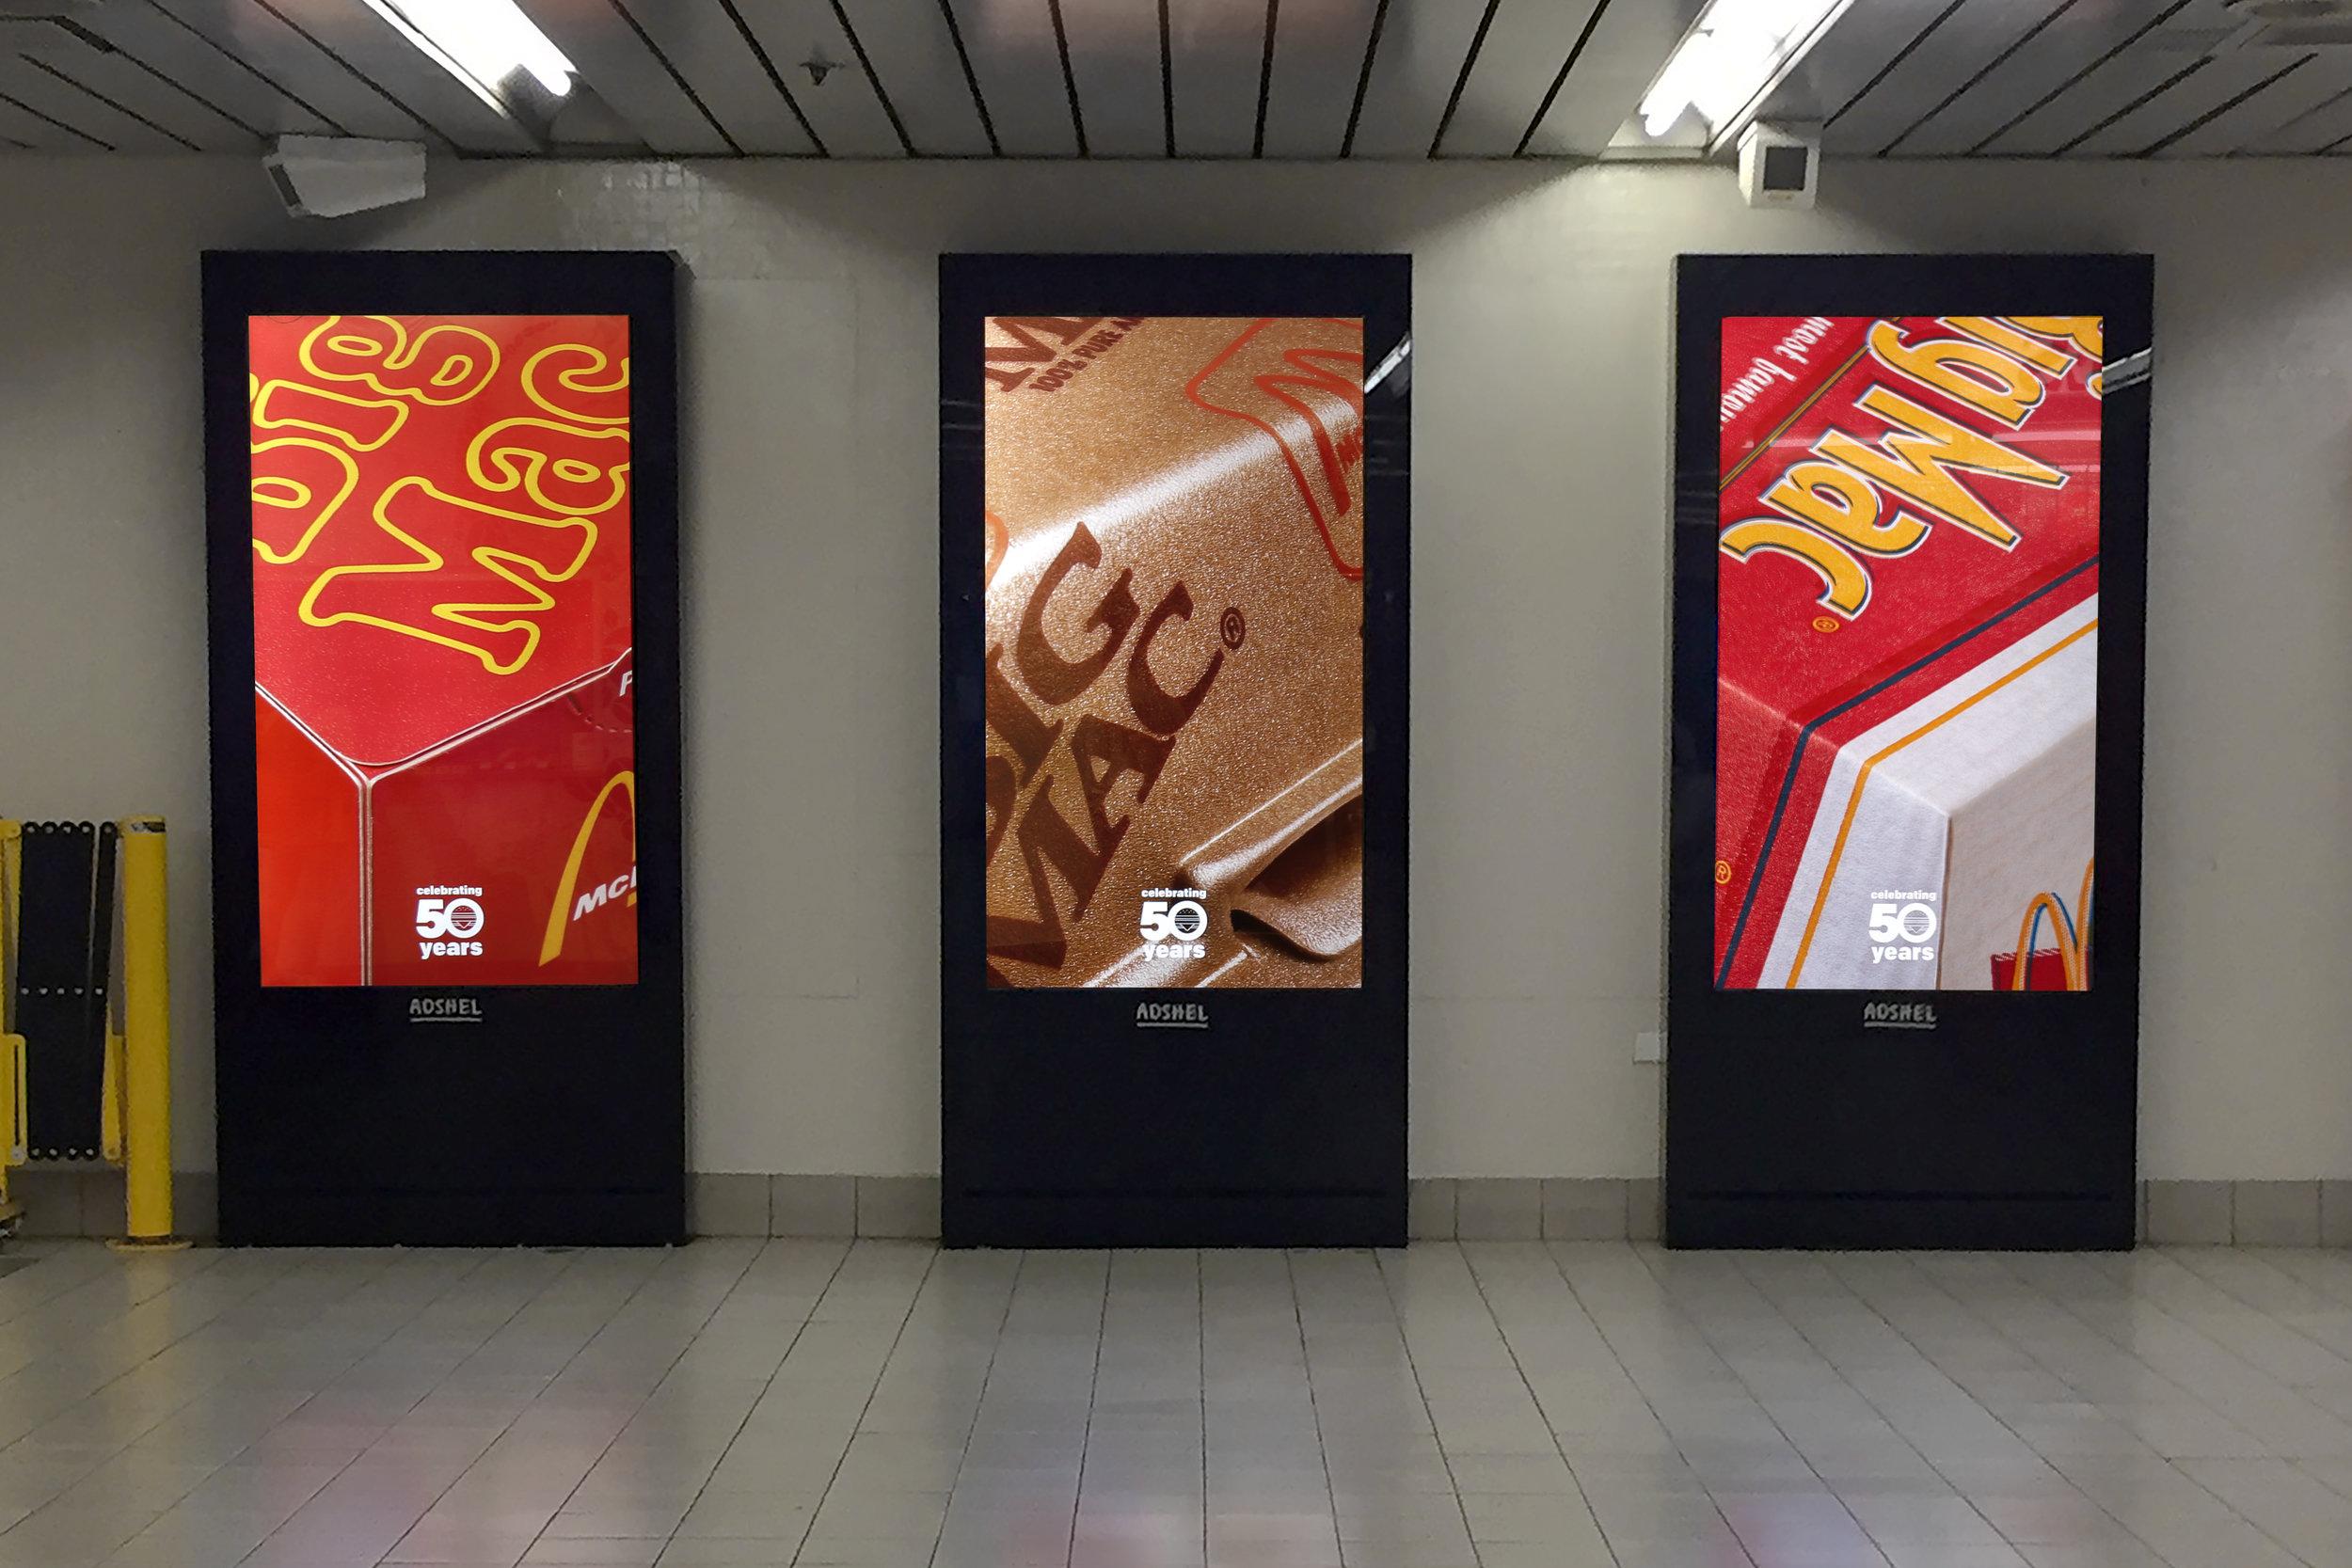 Big-Mac-Packaging-01.jpg